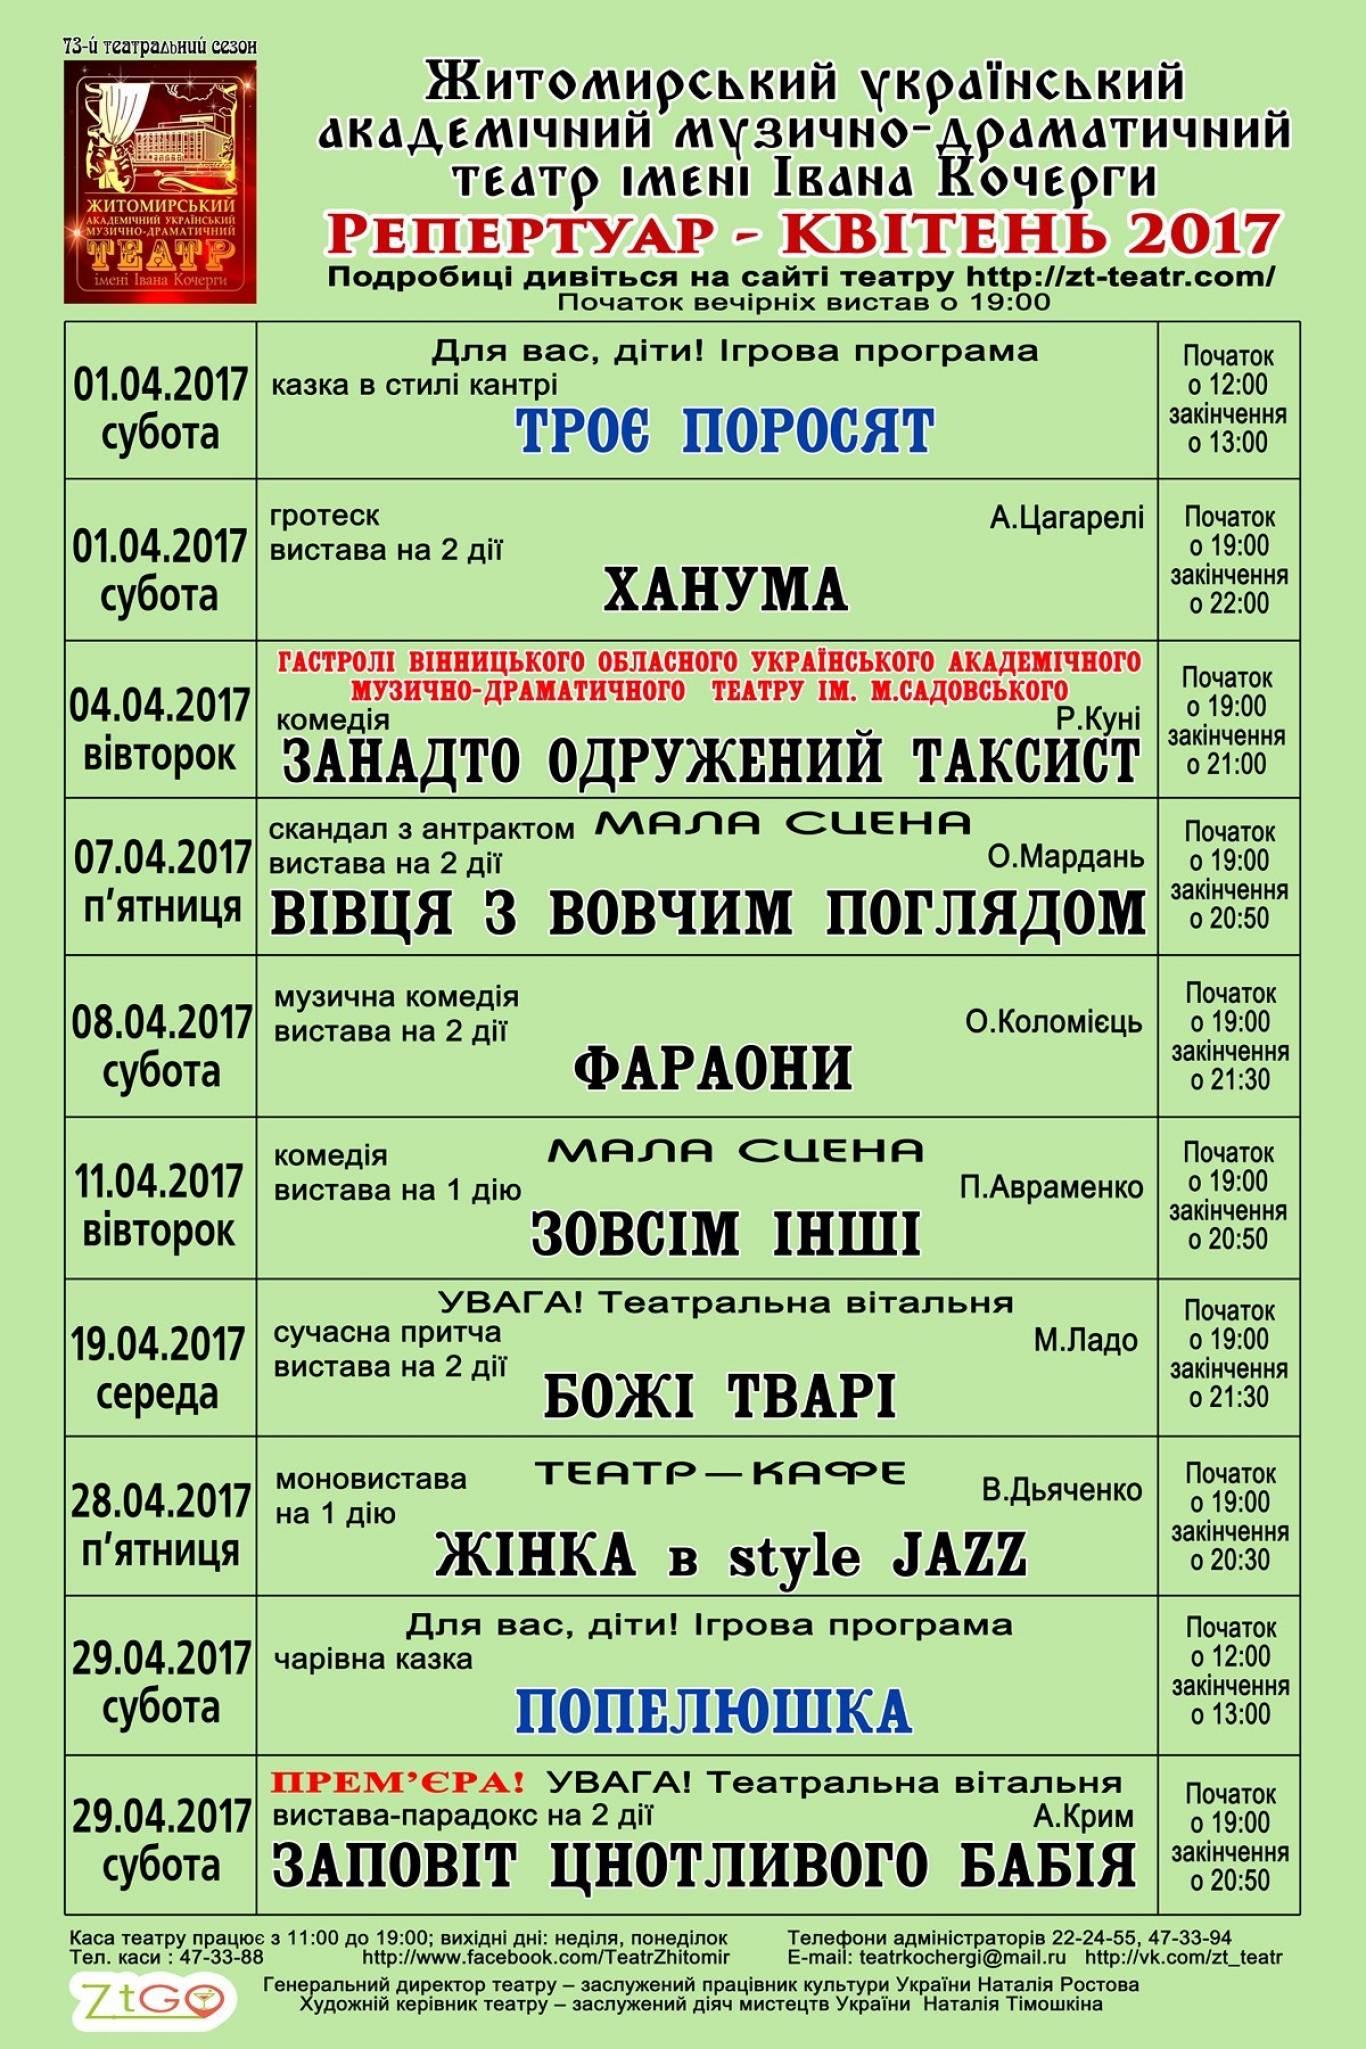 Репертуар Житомирського драмтеатру на Квітень